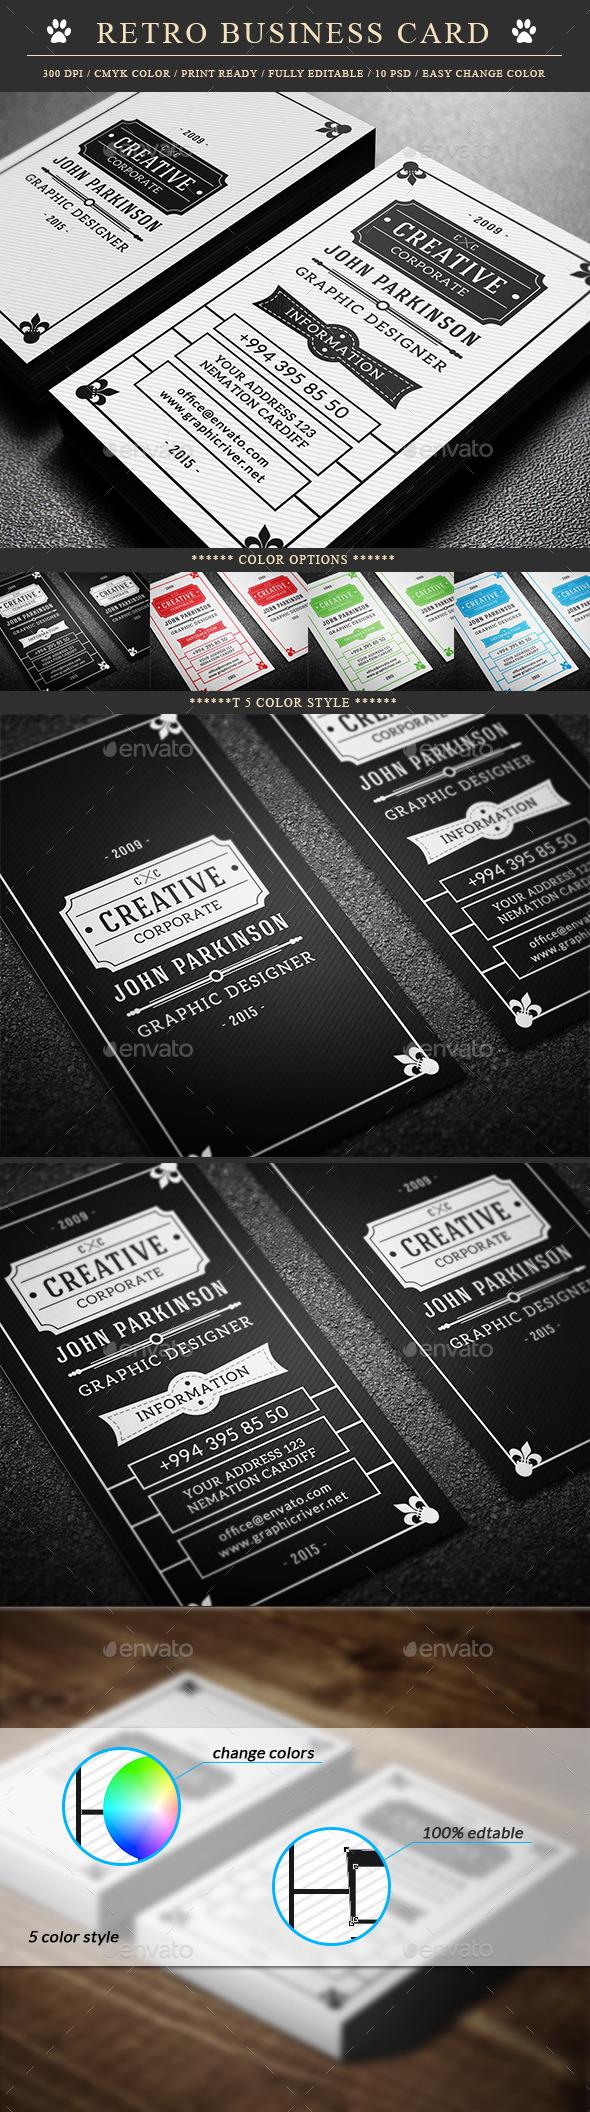 GraphicRiver Retro Business Card 9709894